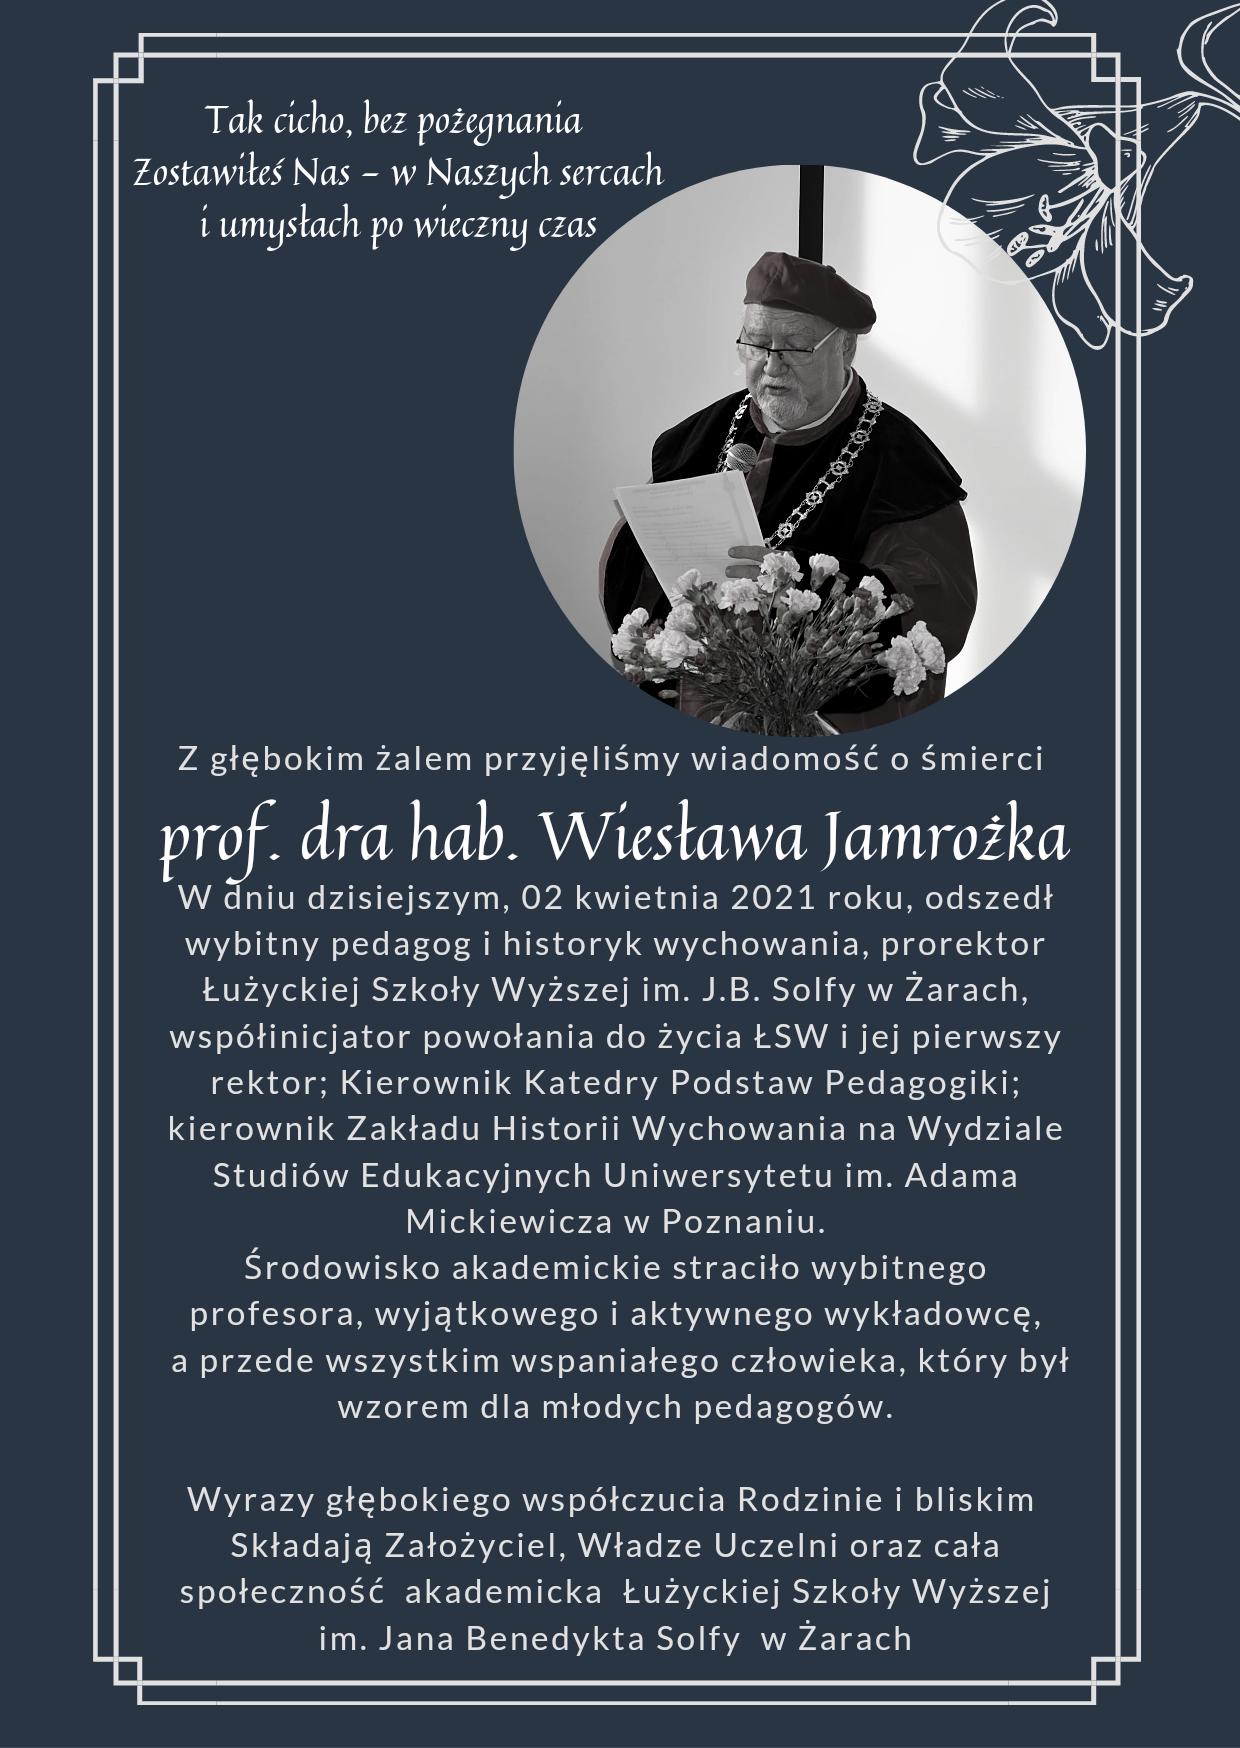 Nota kondolencyjna - dr hab. Wiesław Jamrożek